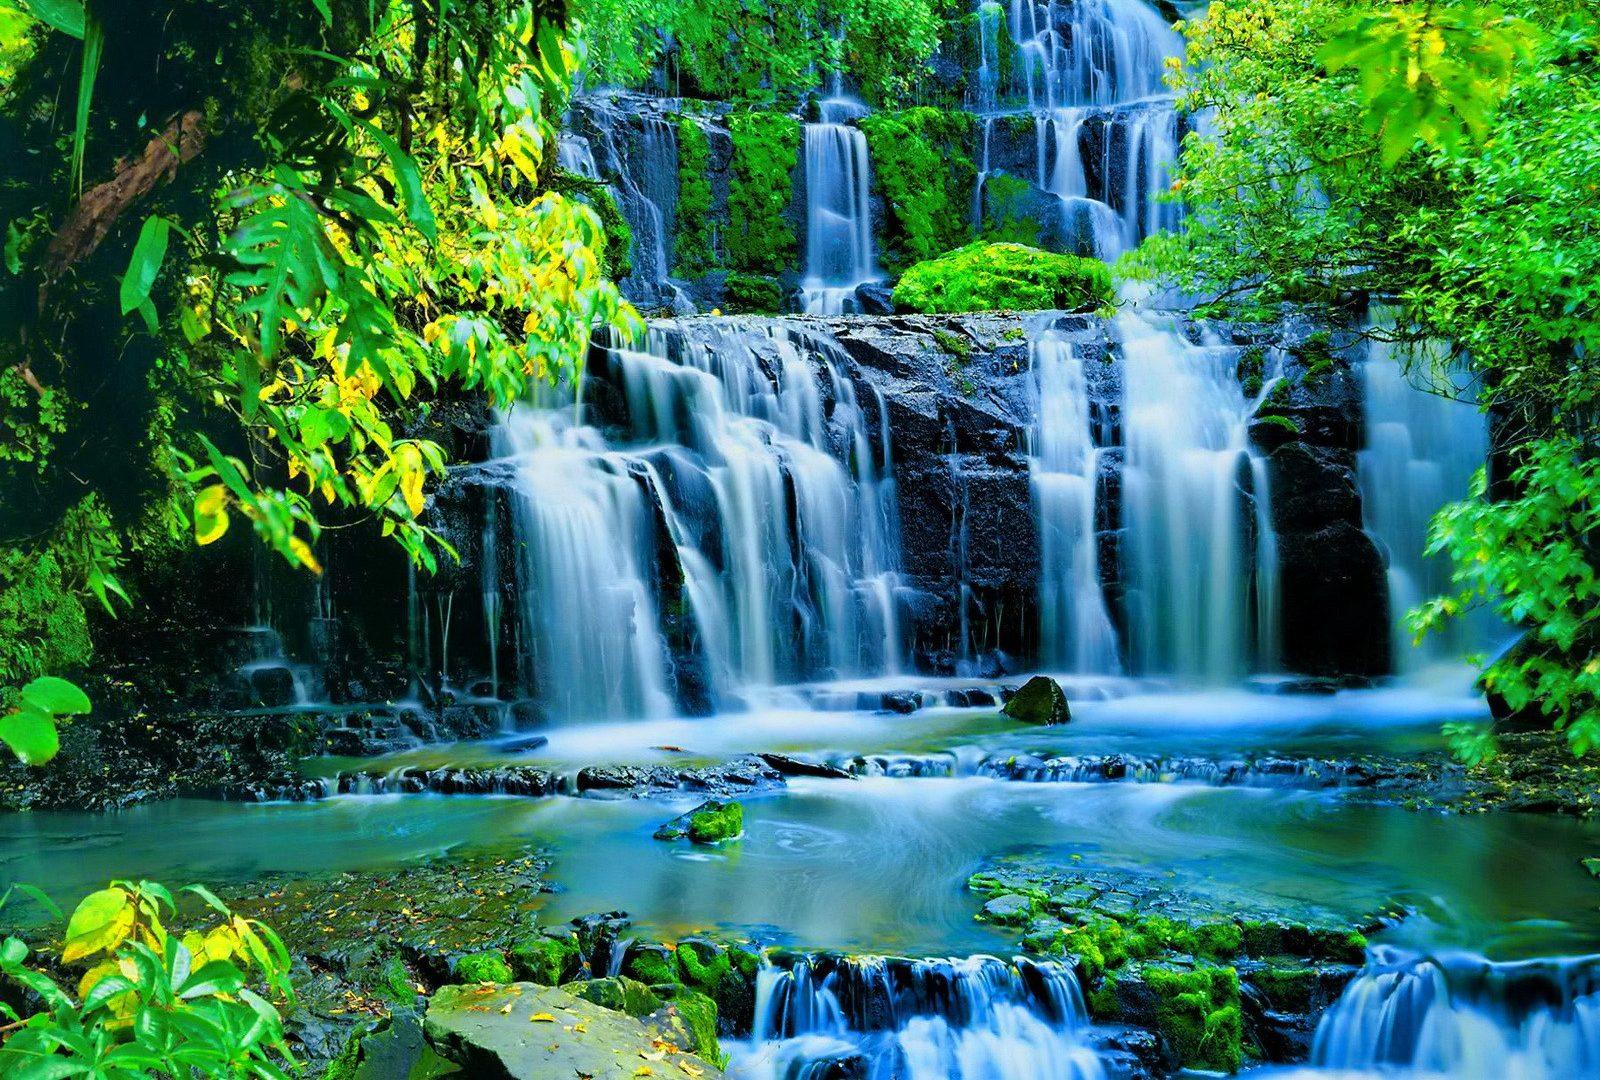 User blog:Powerofthecheeese/The Tribe Of Rushing Water ...